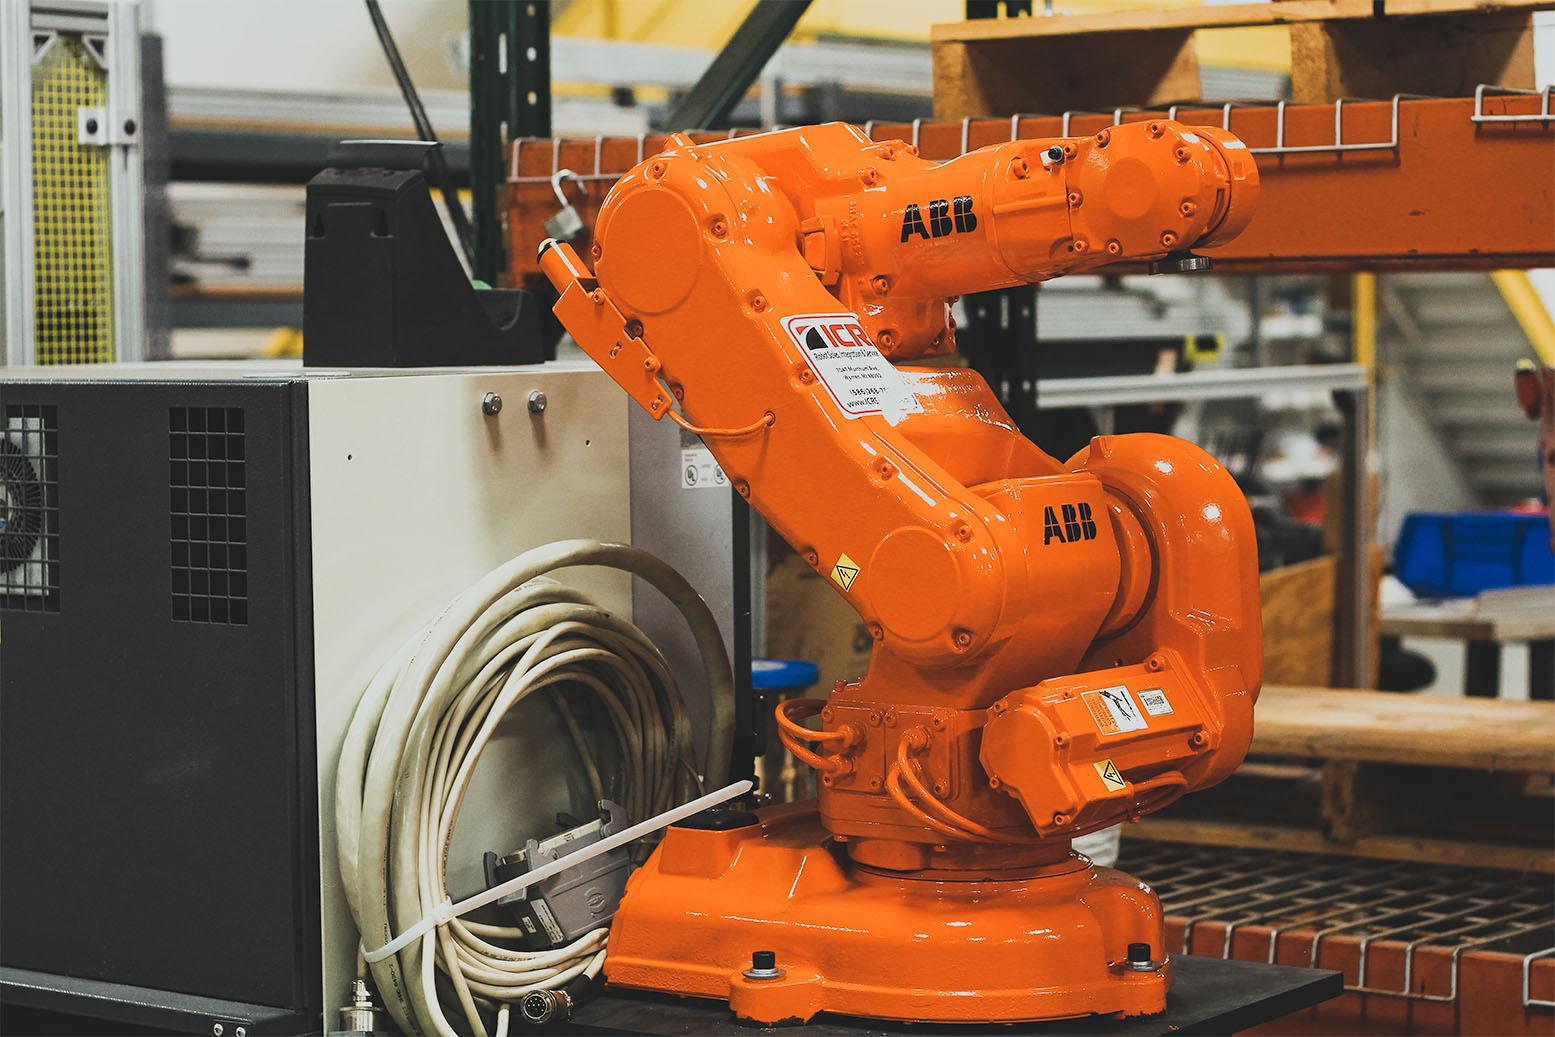 ABB IRB 140 Robot